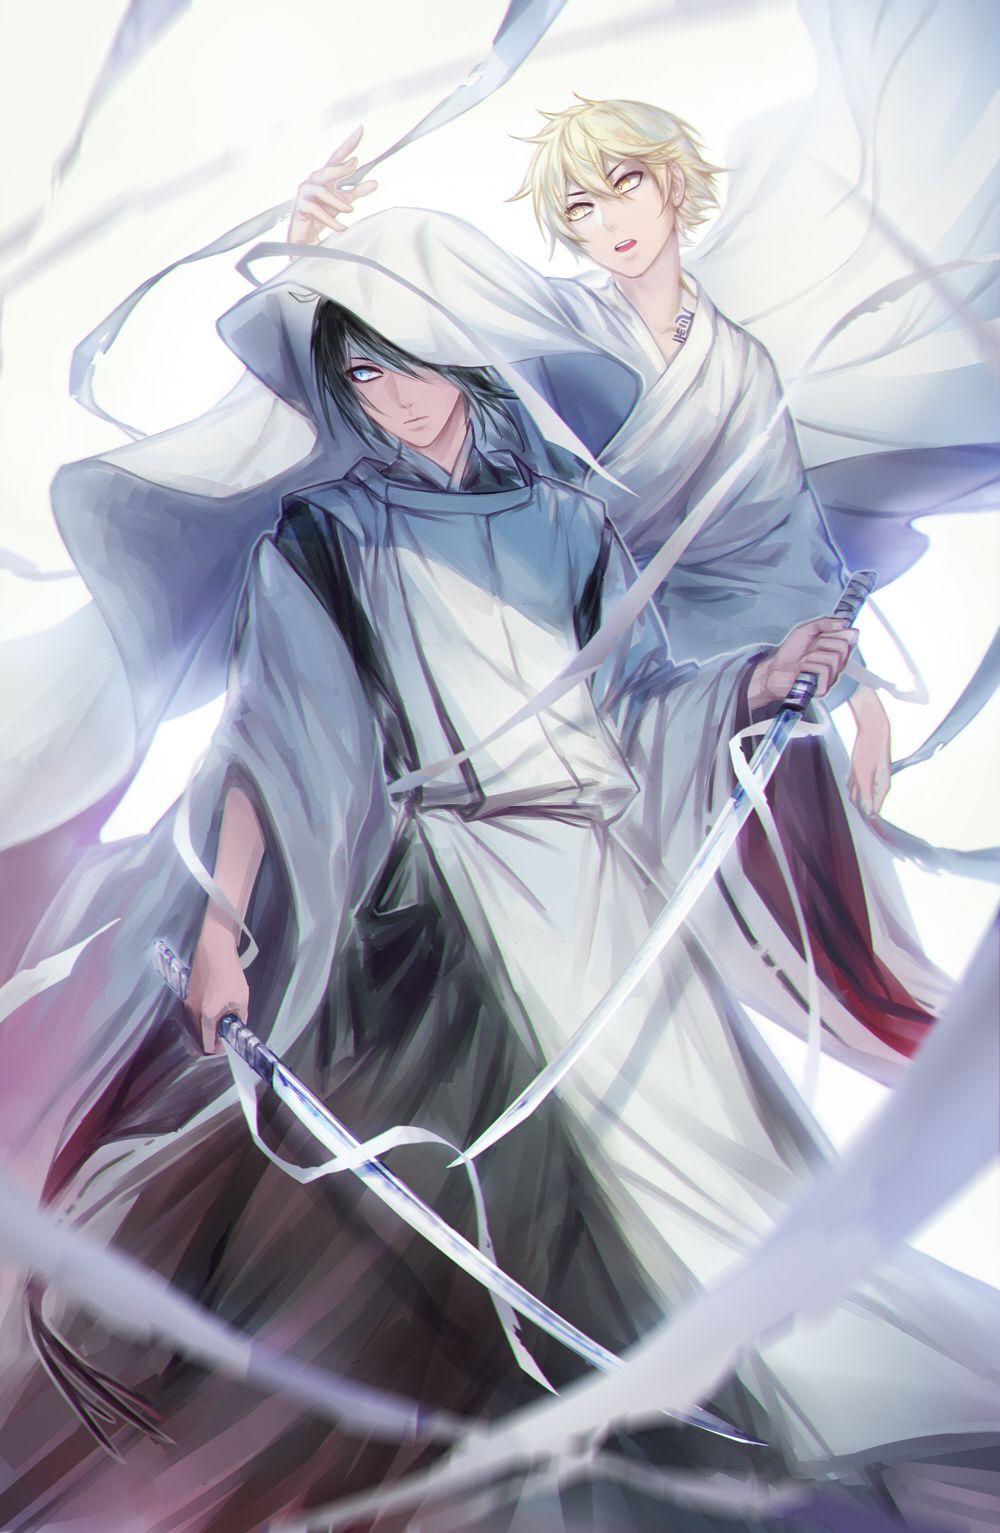 Whoa this looks amazing! Yato and Yukine katanas